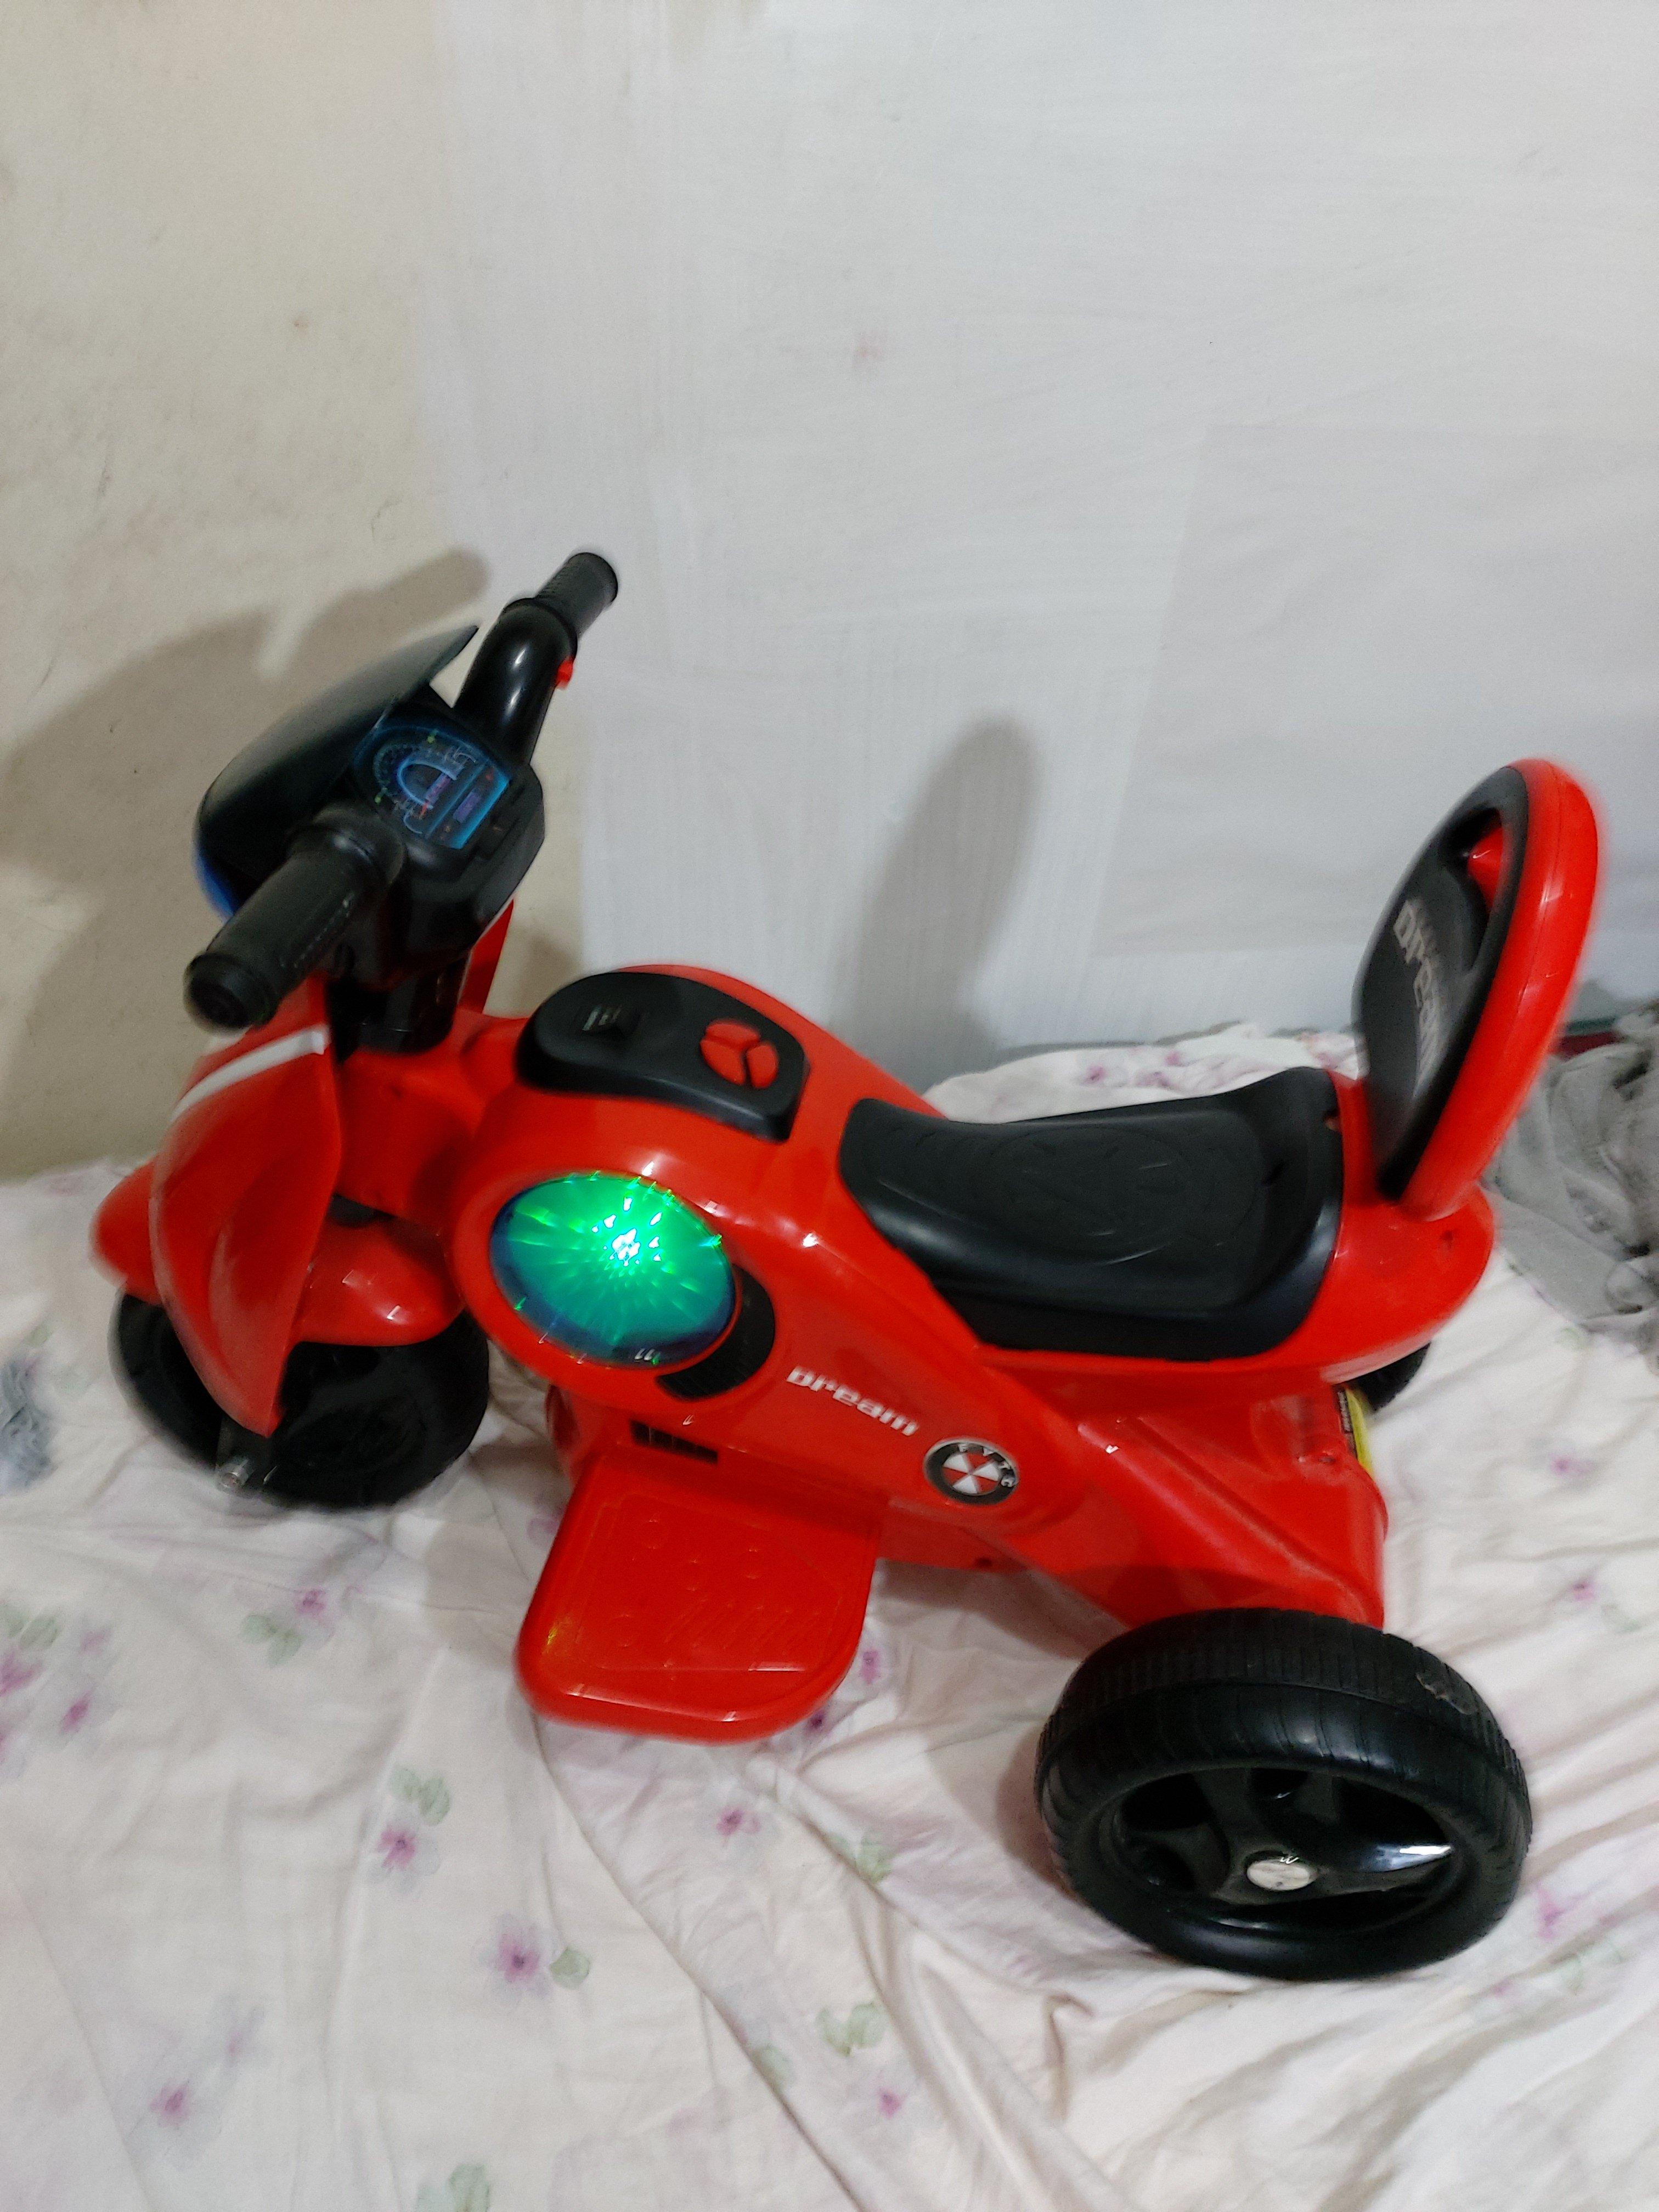 ((拍賣就是要撿便宜))二手商品一兒童三輪電動機車、電動車